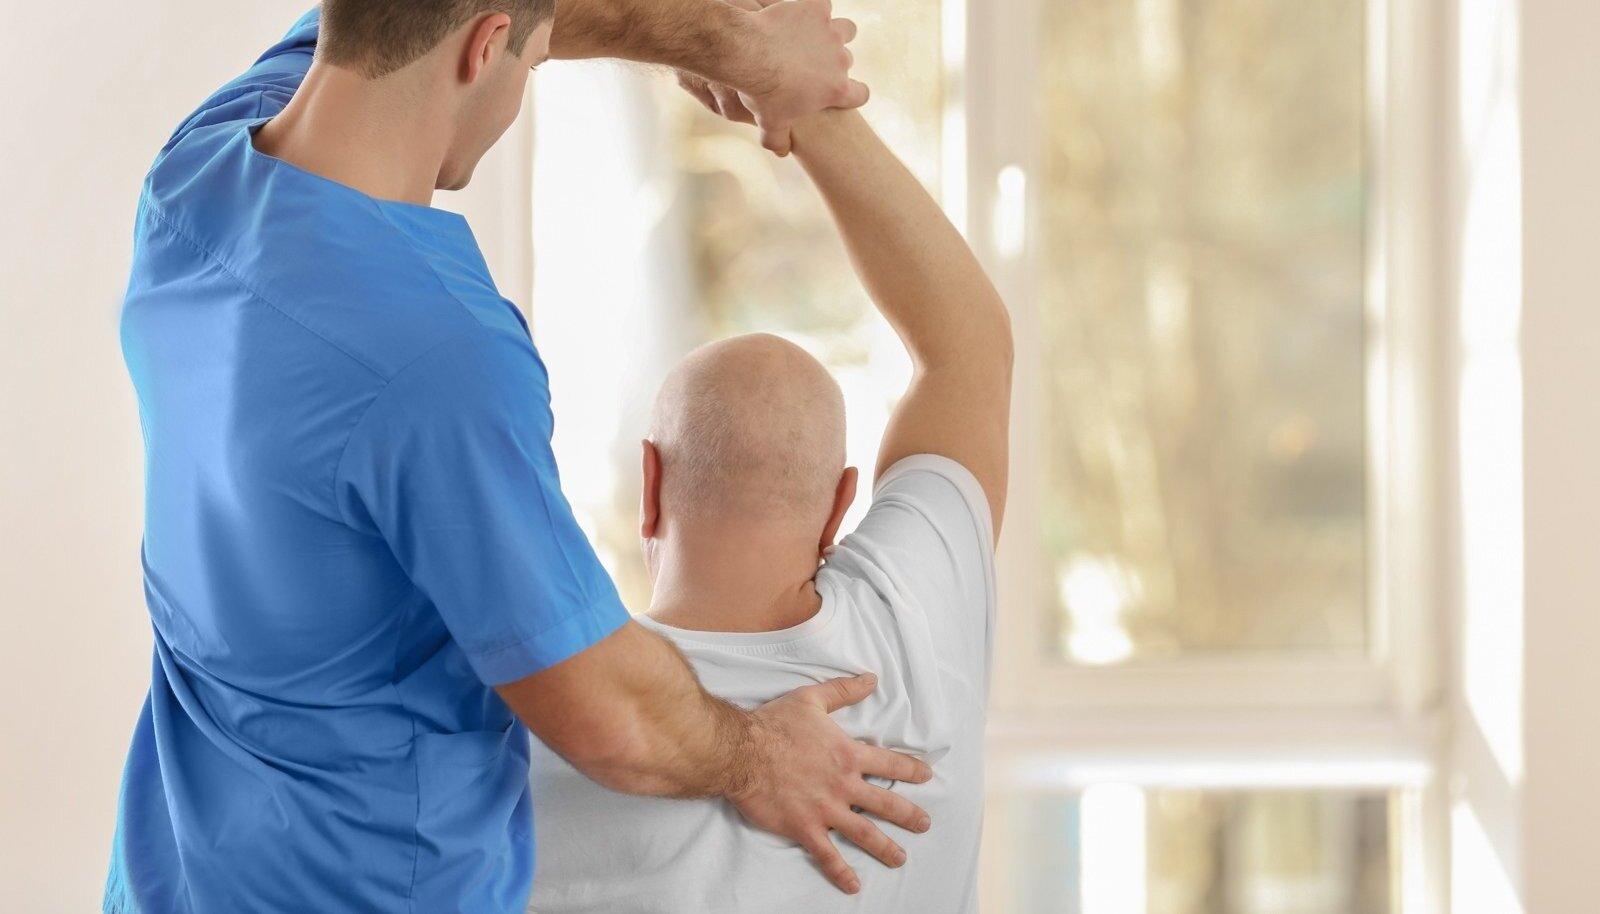 Ravi menovazin liigestega Artriidi kuunarnuki uhine, mis see on